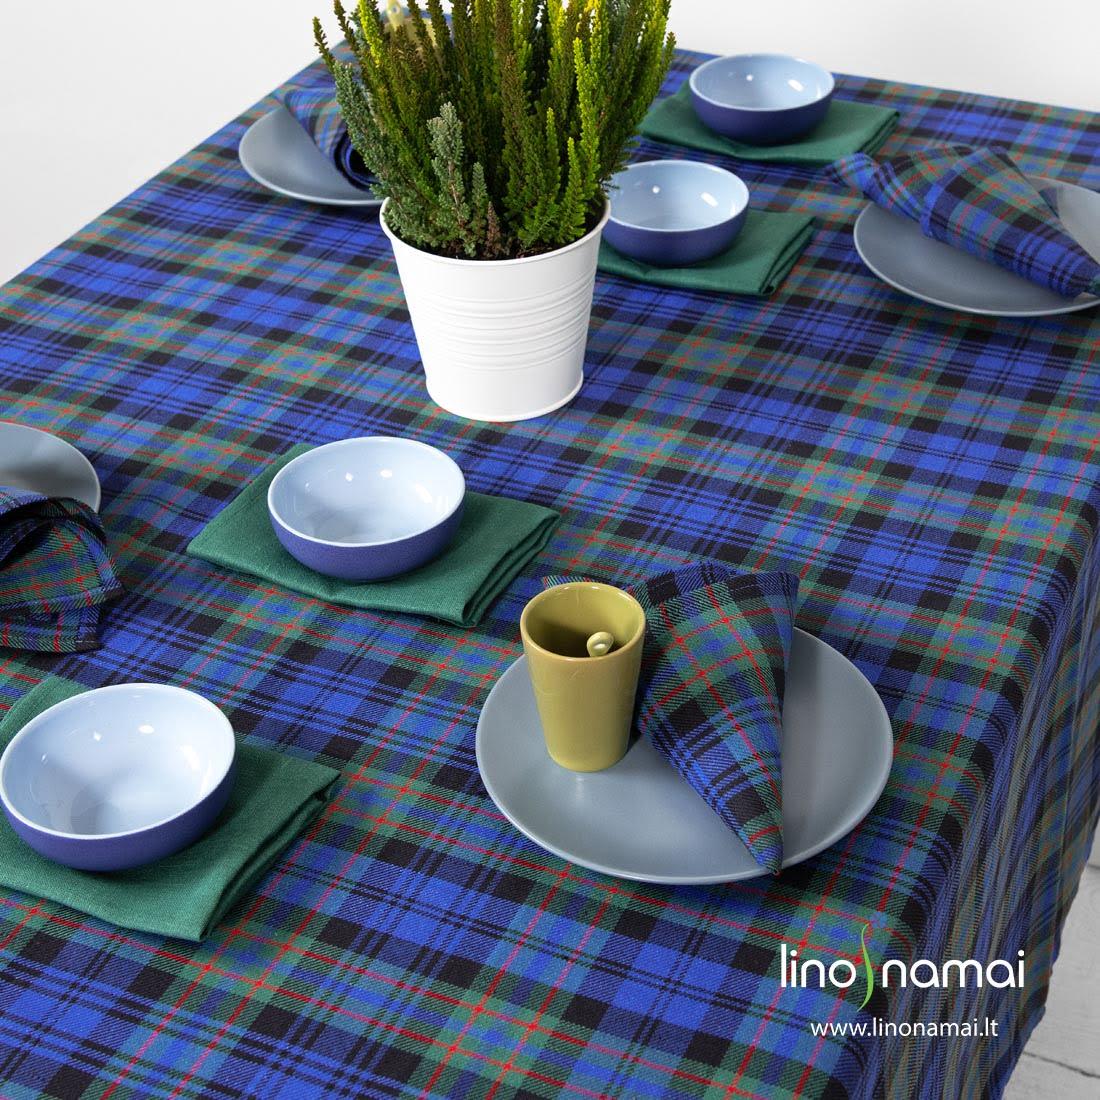 Lino - medvilnės staltiesė škotiškais žaliais ir mėlynais langeliais, languotos, žalios servetėlės